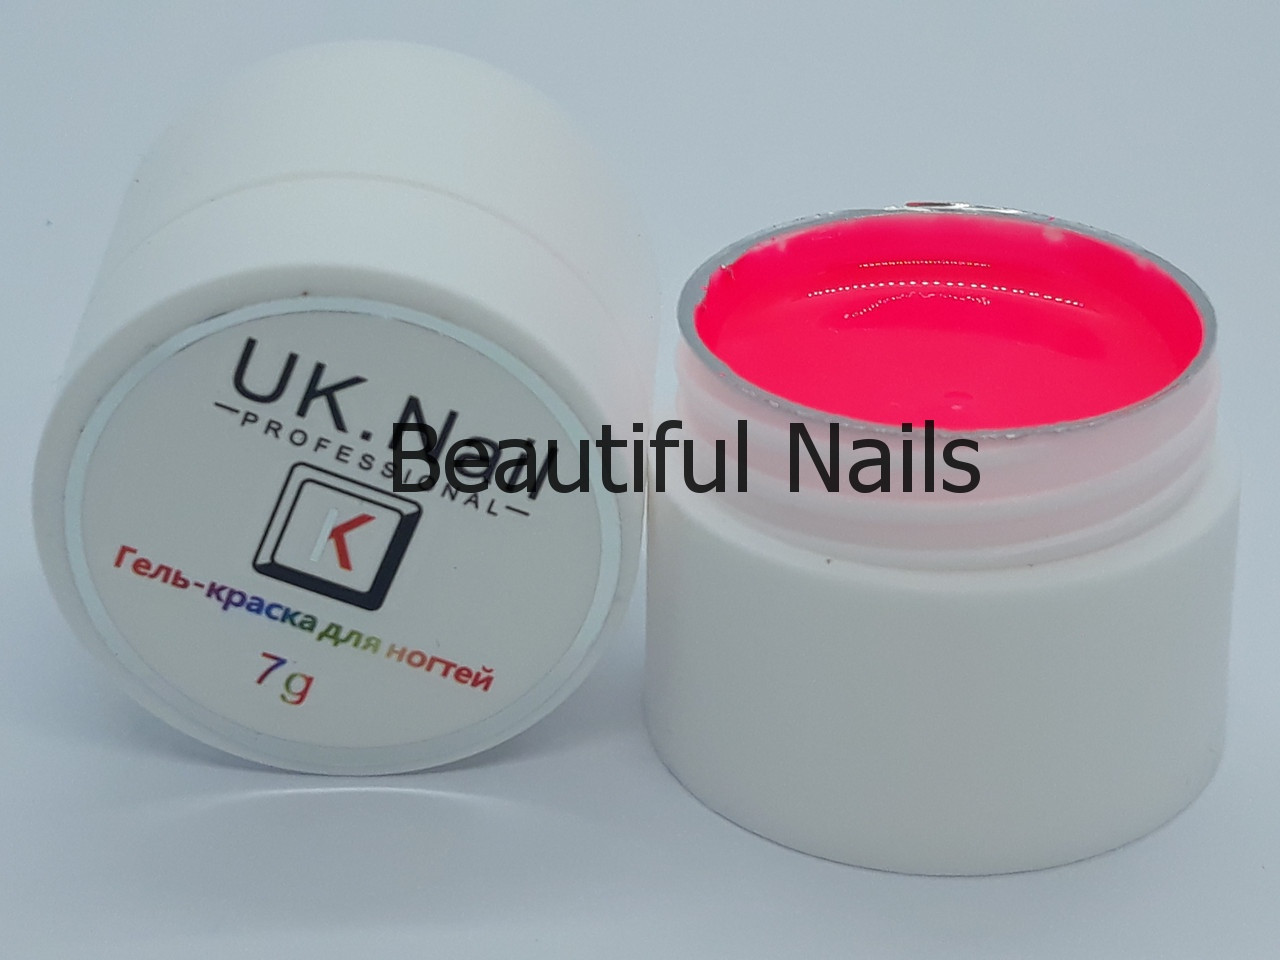 Гель-краска для ногтей UK.Nail №13 цвет кислотно-розовый,7 грамм